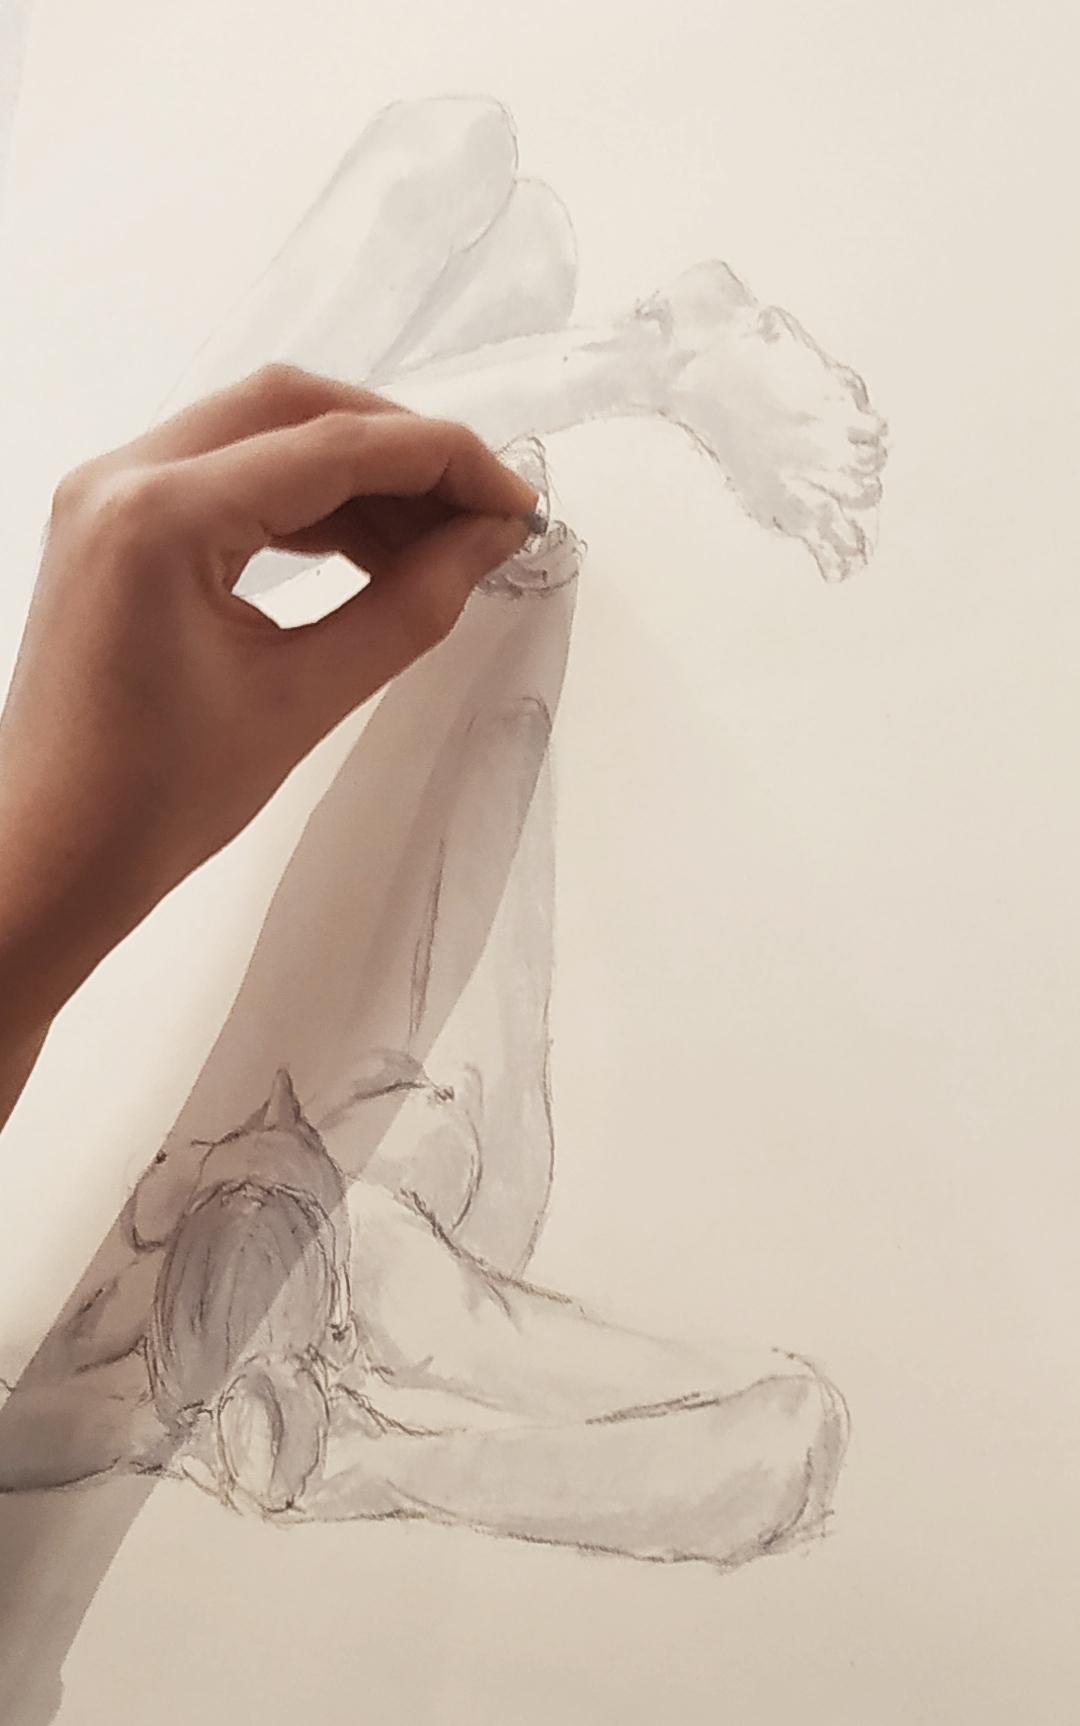 dessin croquis  craie  cours de dessin